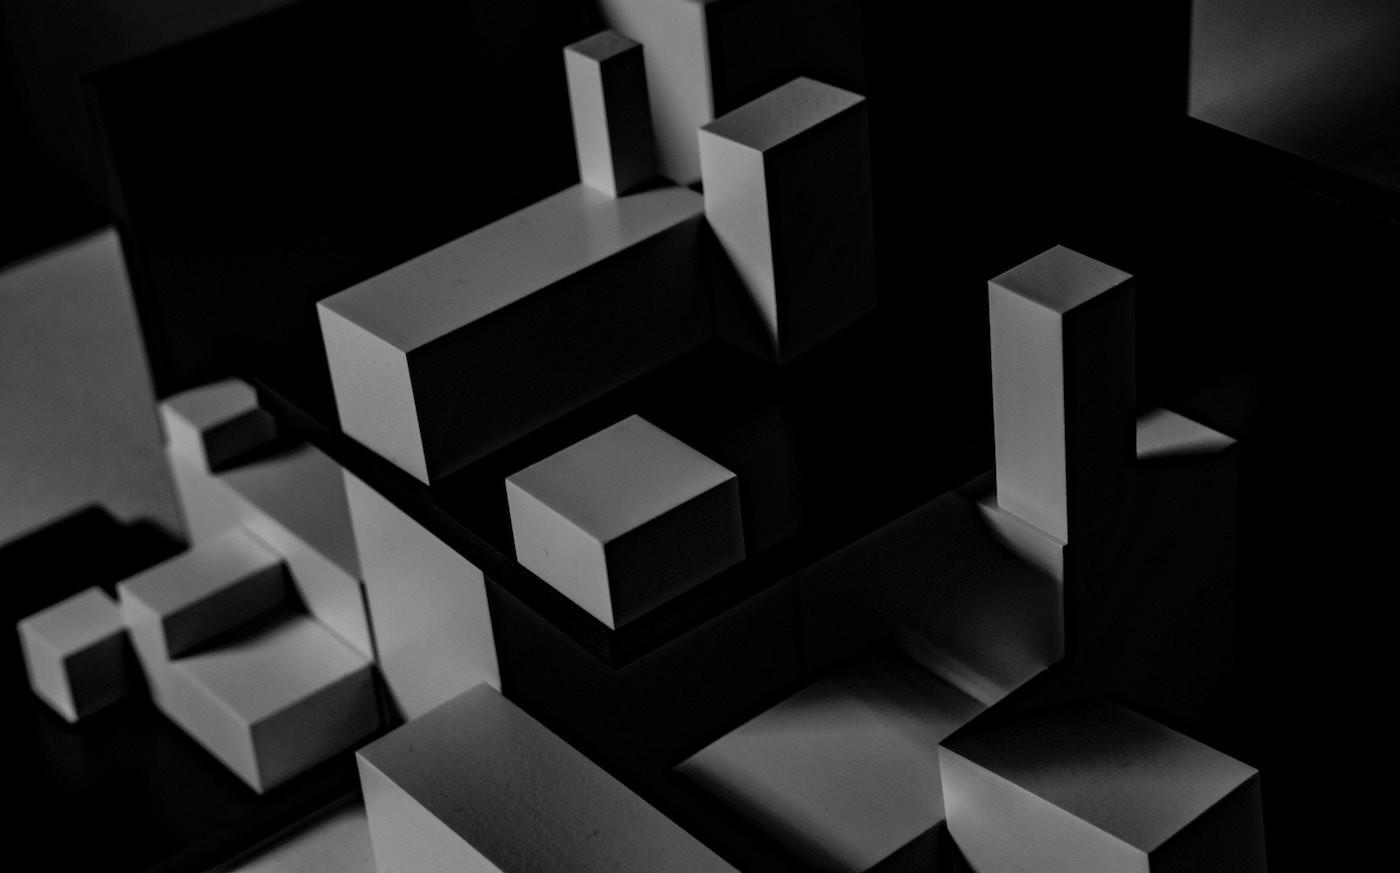 /blockchain-marketing-in-2018-59e8b611c169 feature image